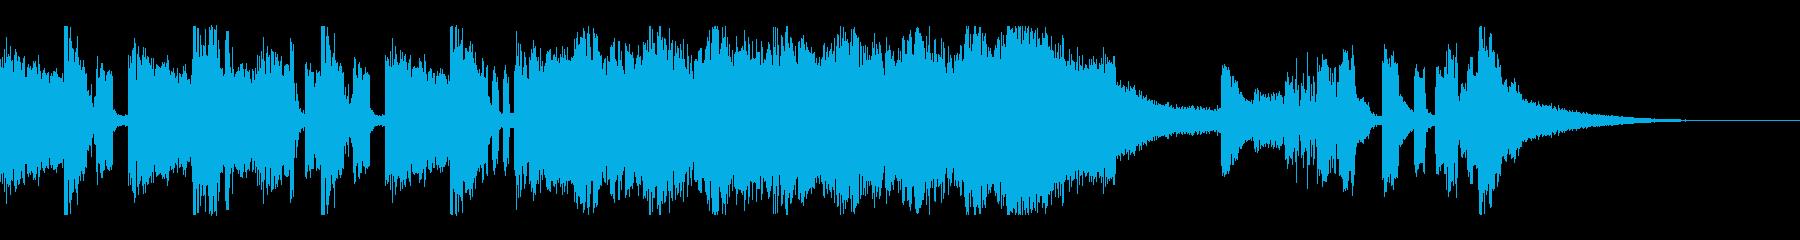 テクノ風リズム アイキャッチ ジングルの再生済みの波形